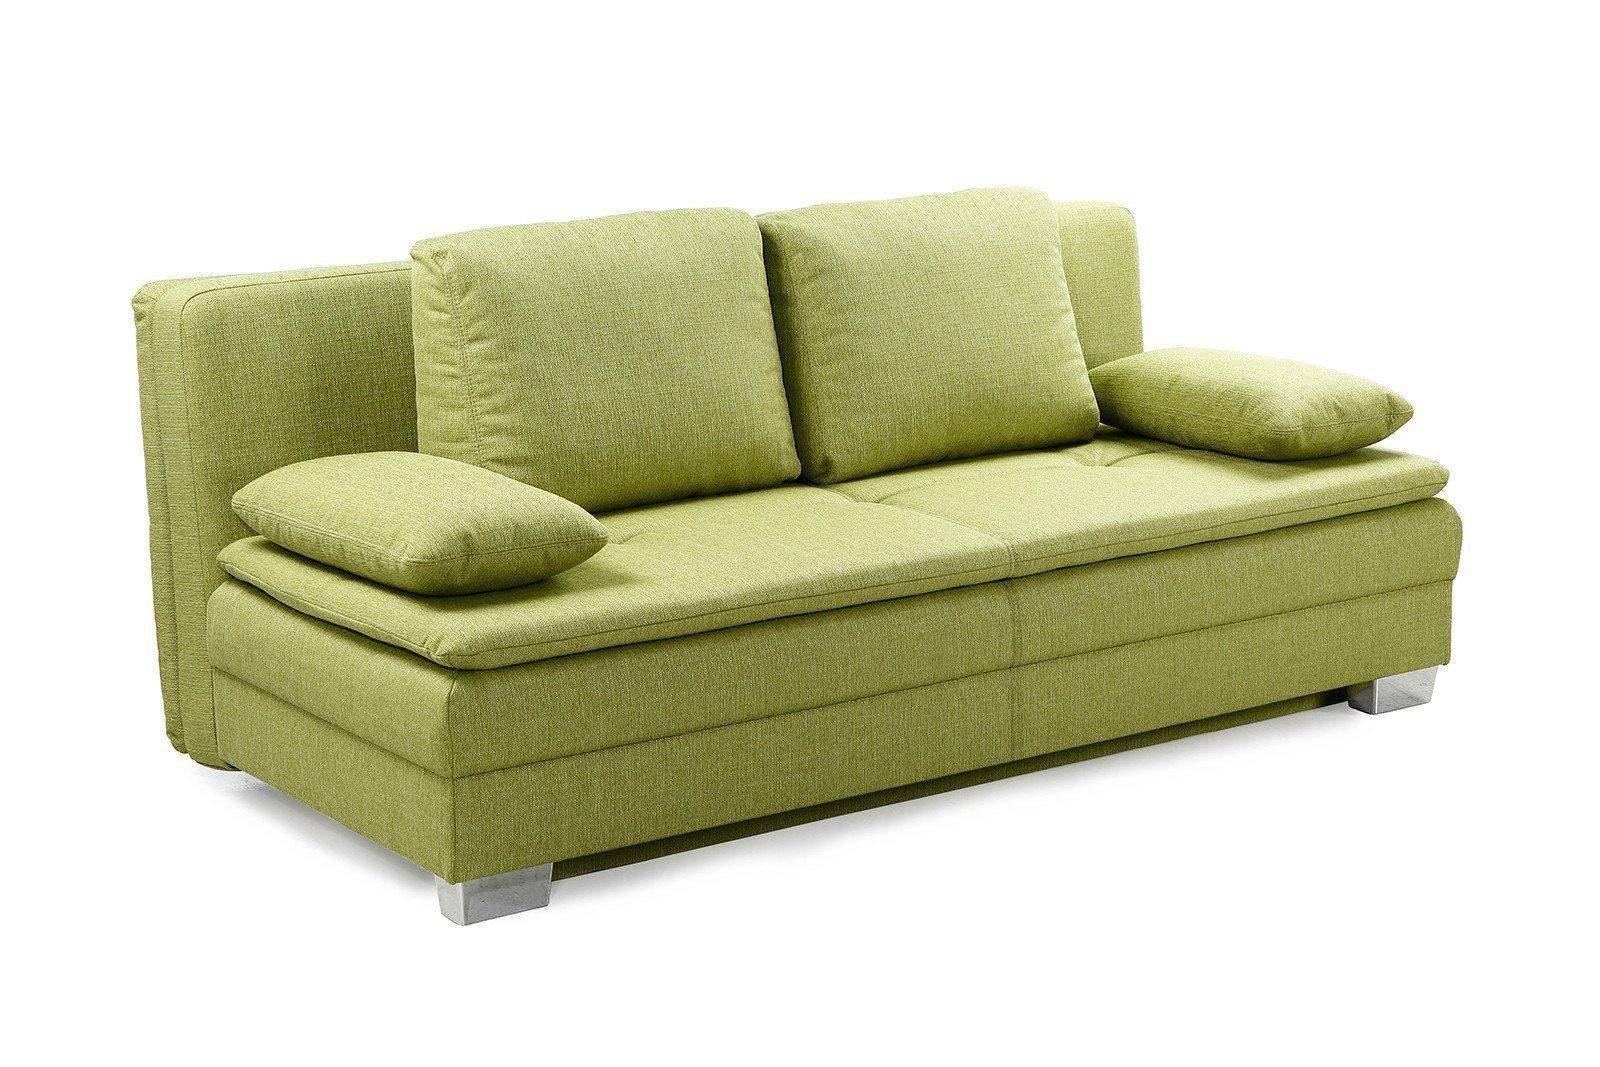 Schlafsofa grün  Schlafsofa Florenz/Juana in Grün von Job. Möbel Letz - Ihr Online-Shop